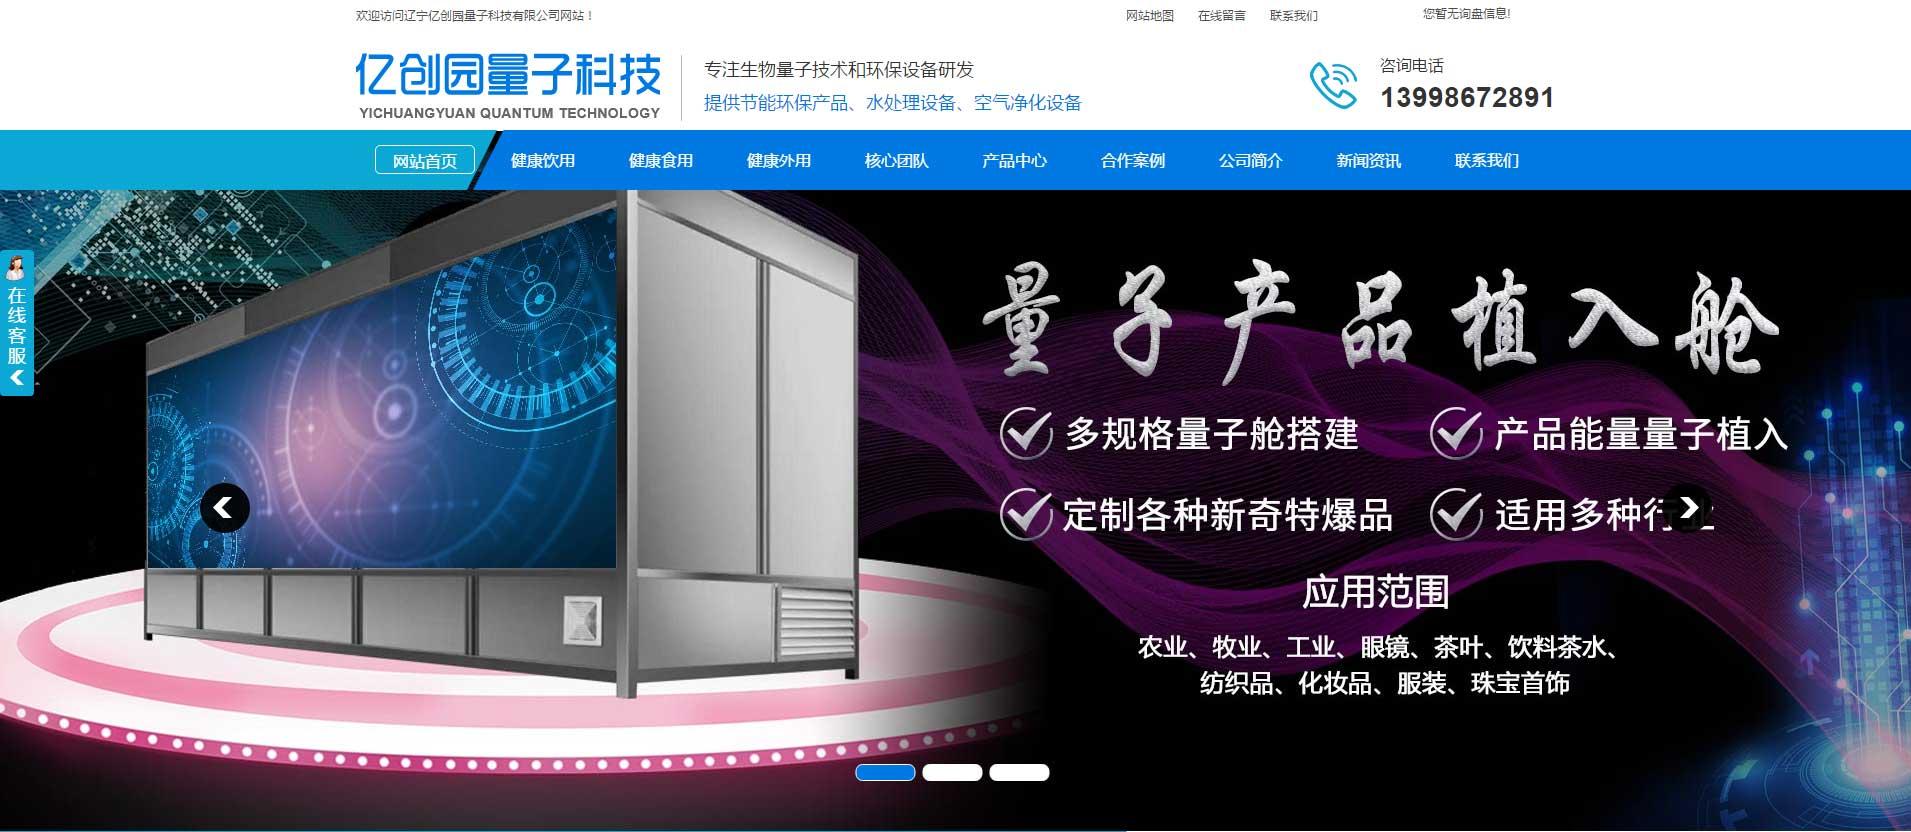 辽宁亿创园量子科技有限公司